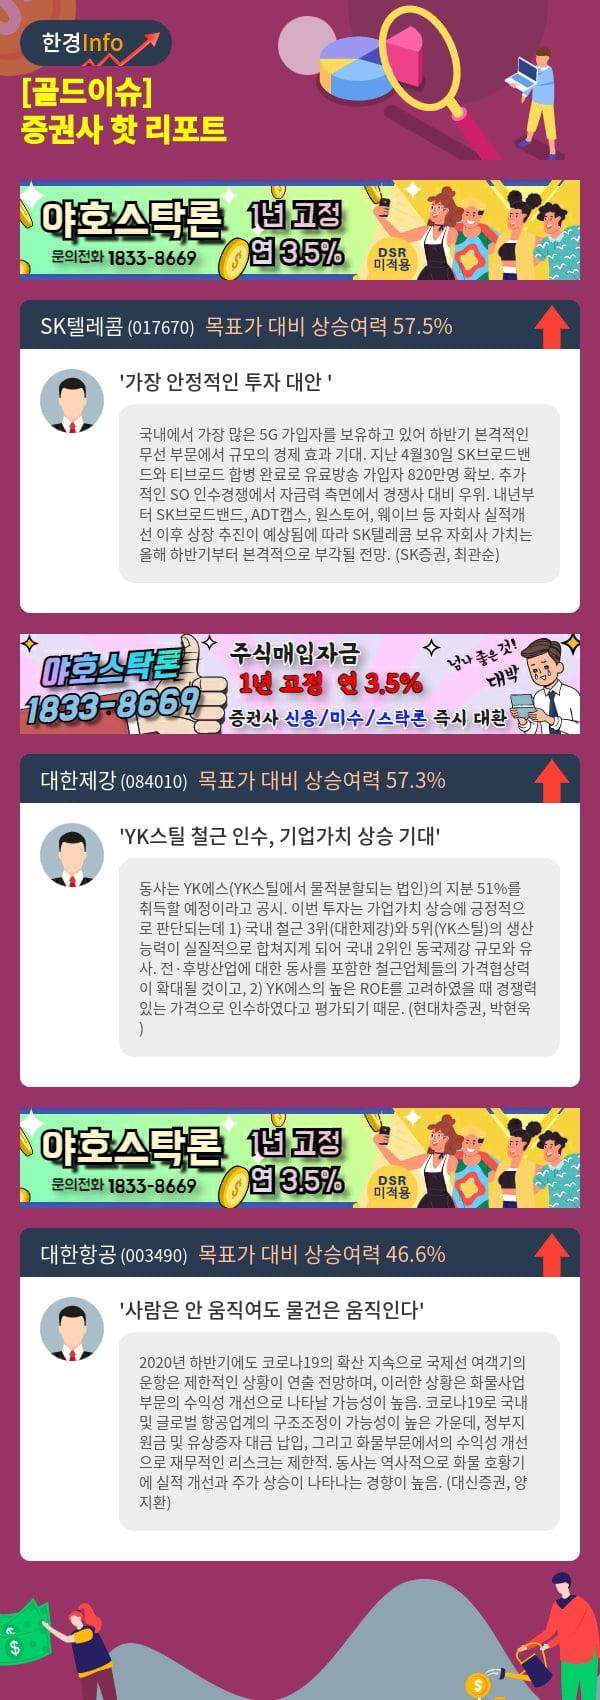 [골드이슈] 증권사 핫 리포트